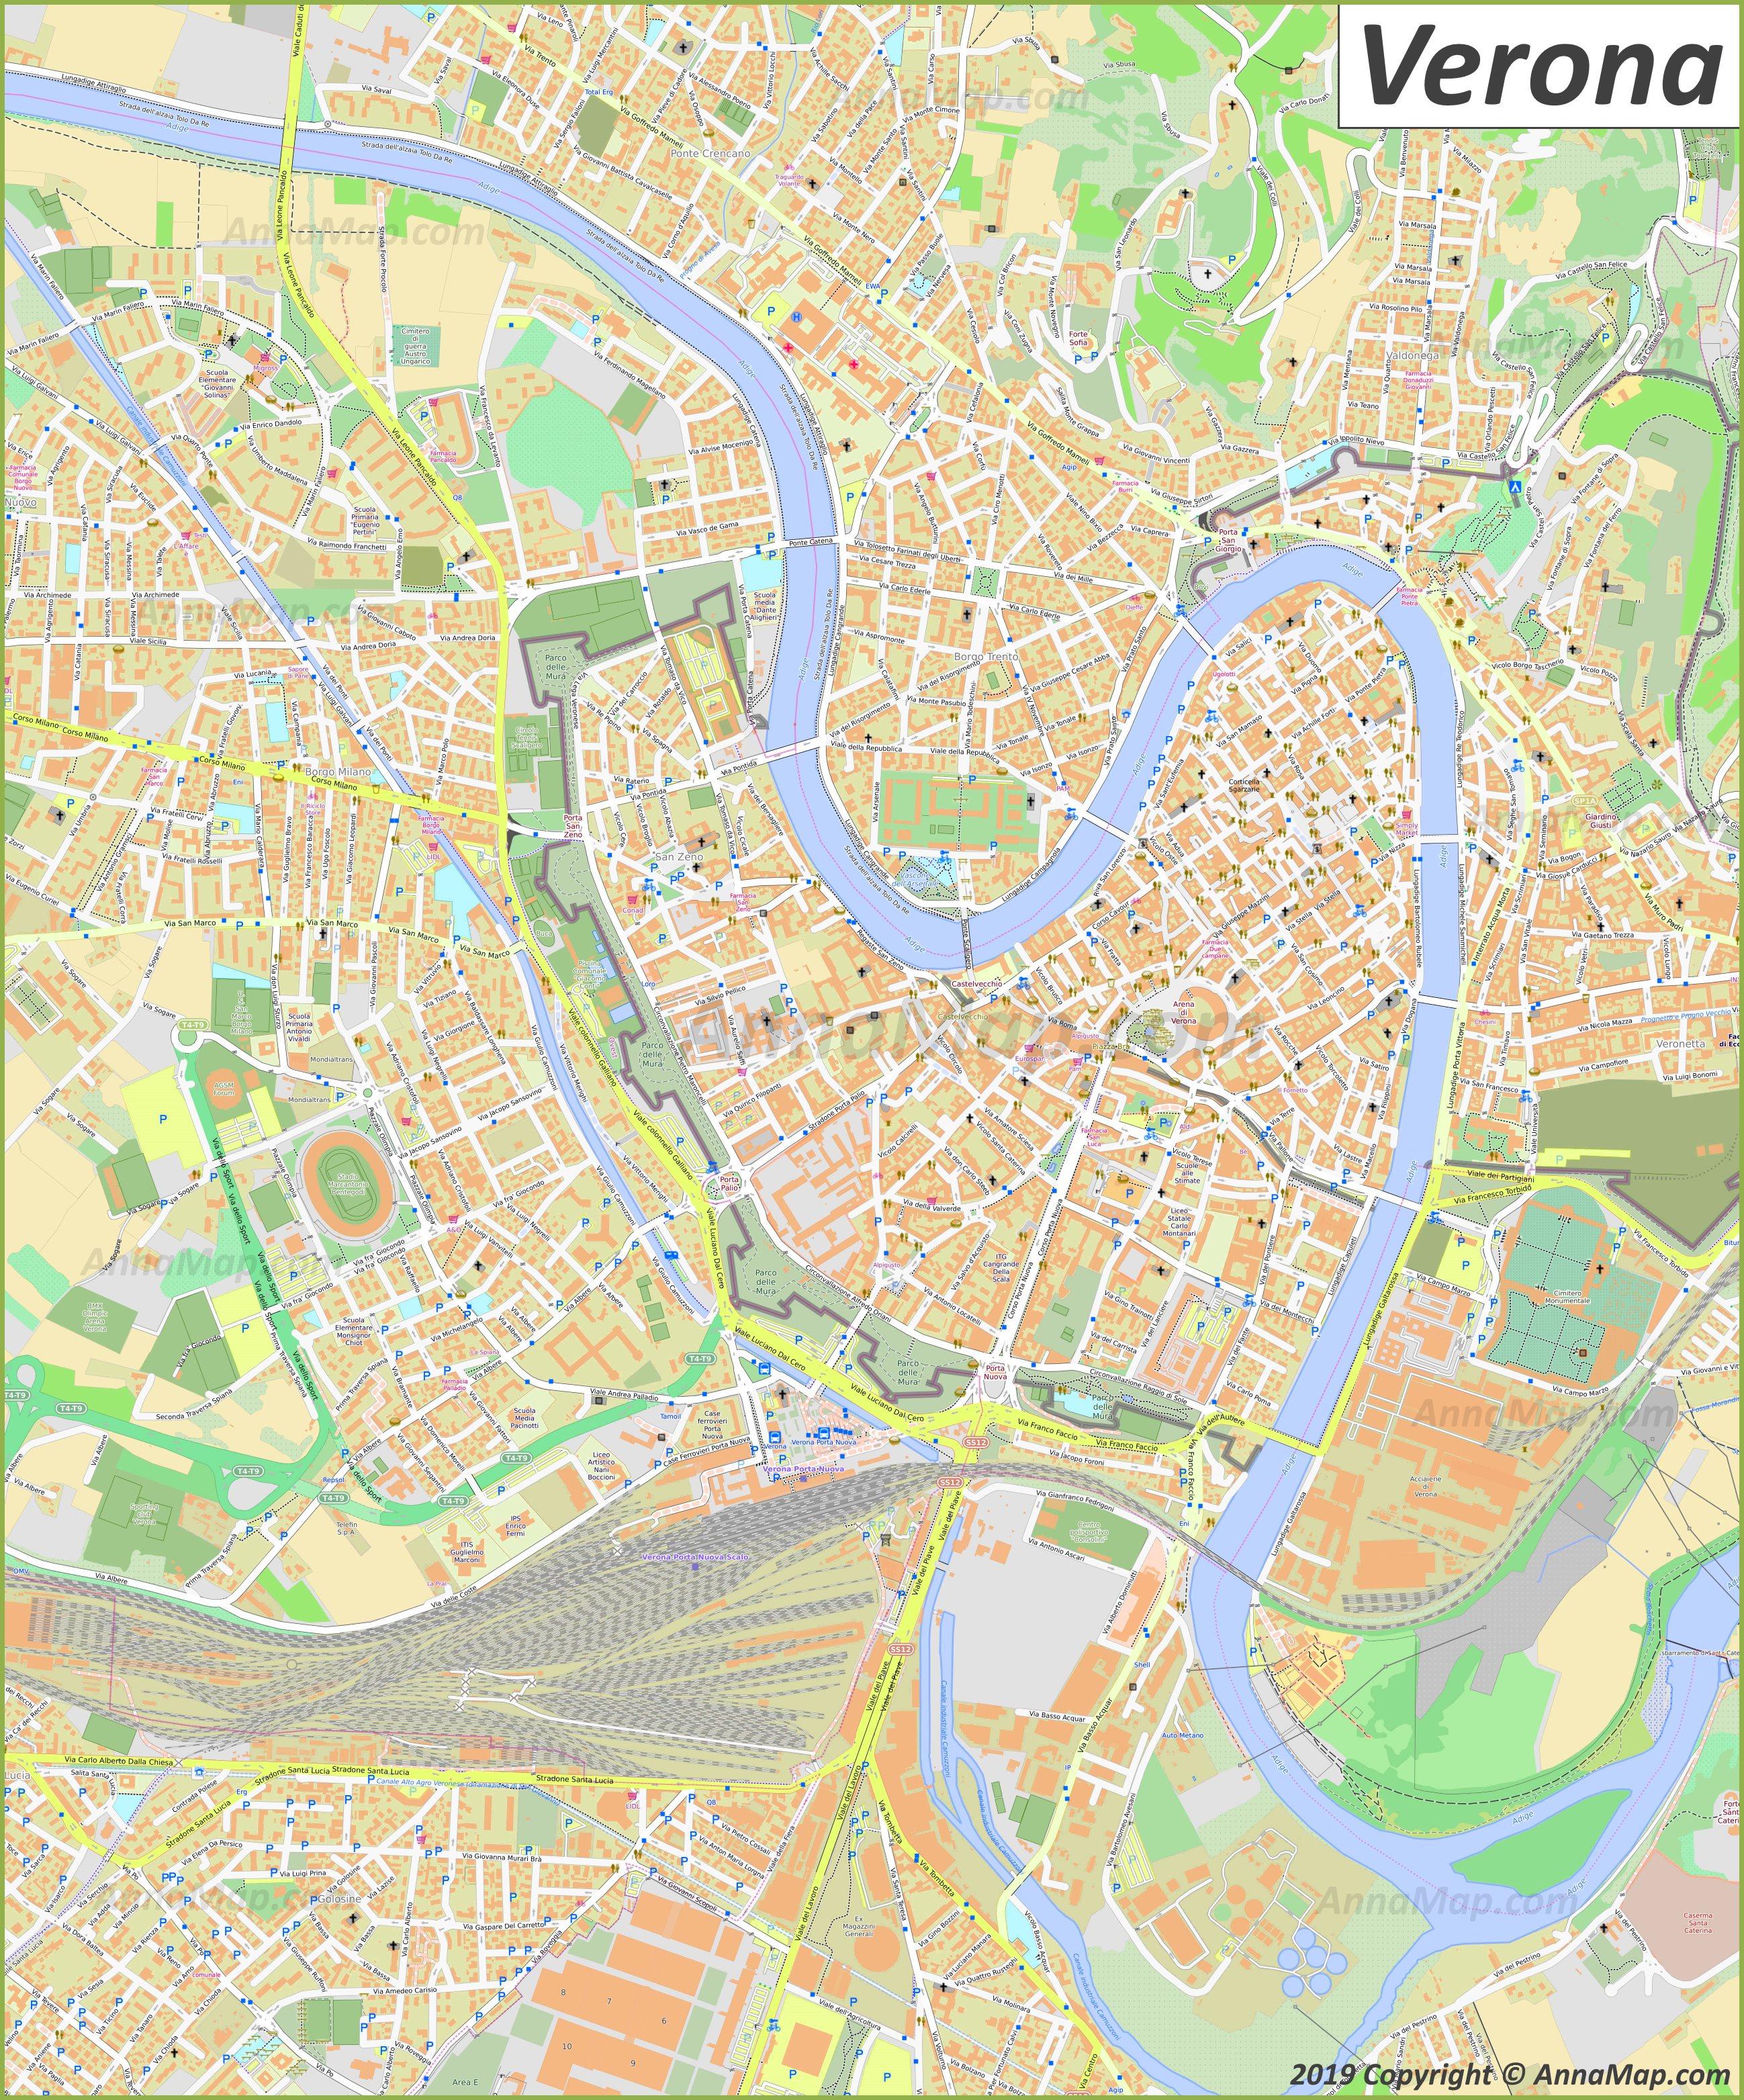 Mapa De Verona Italia.Mapas Turisticos Detallados De Verona Italia Mapas Gratis De Verona Para Imprimir Annamapa Com